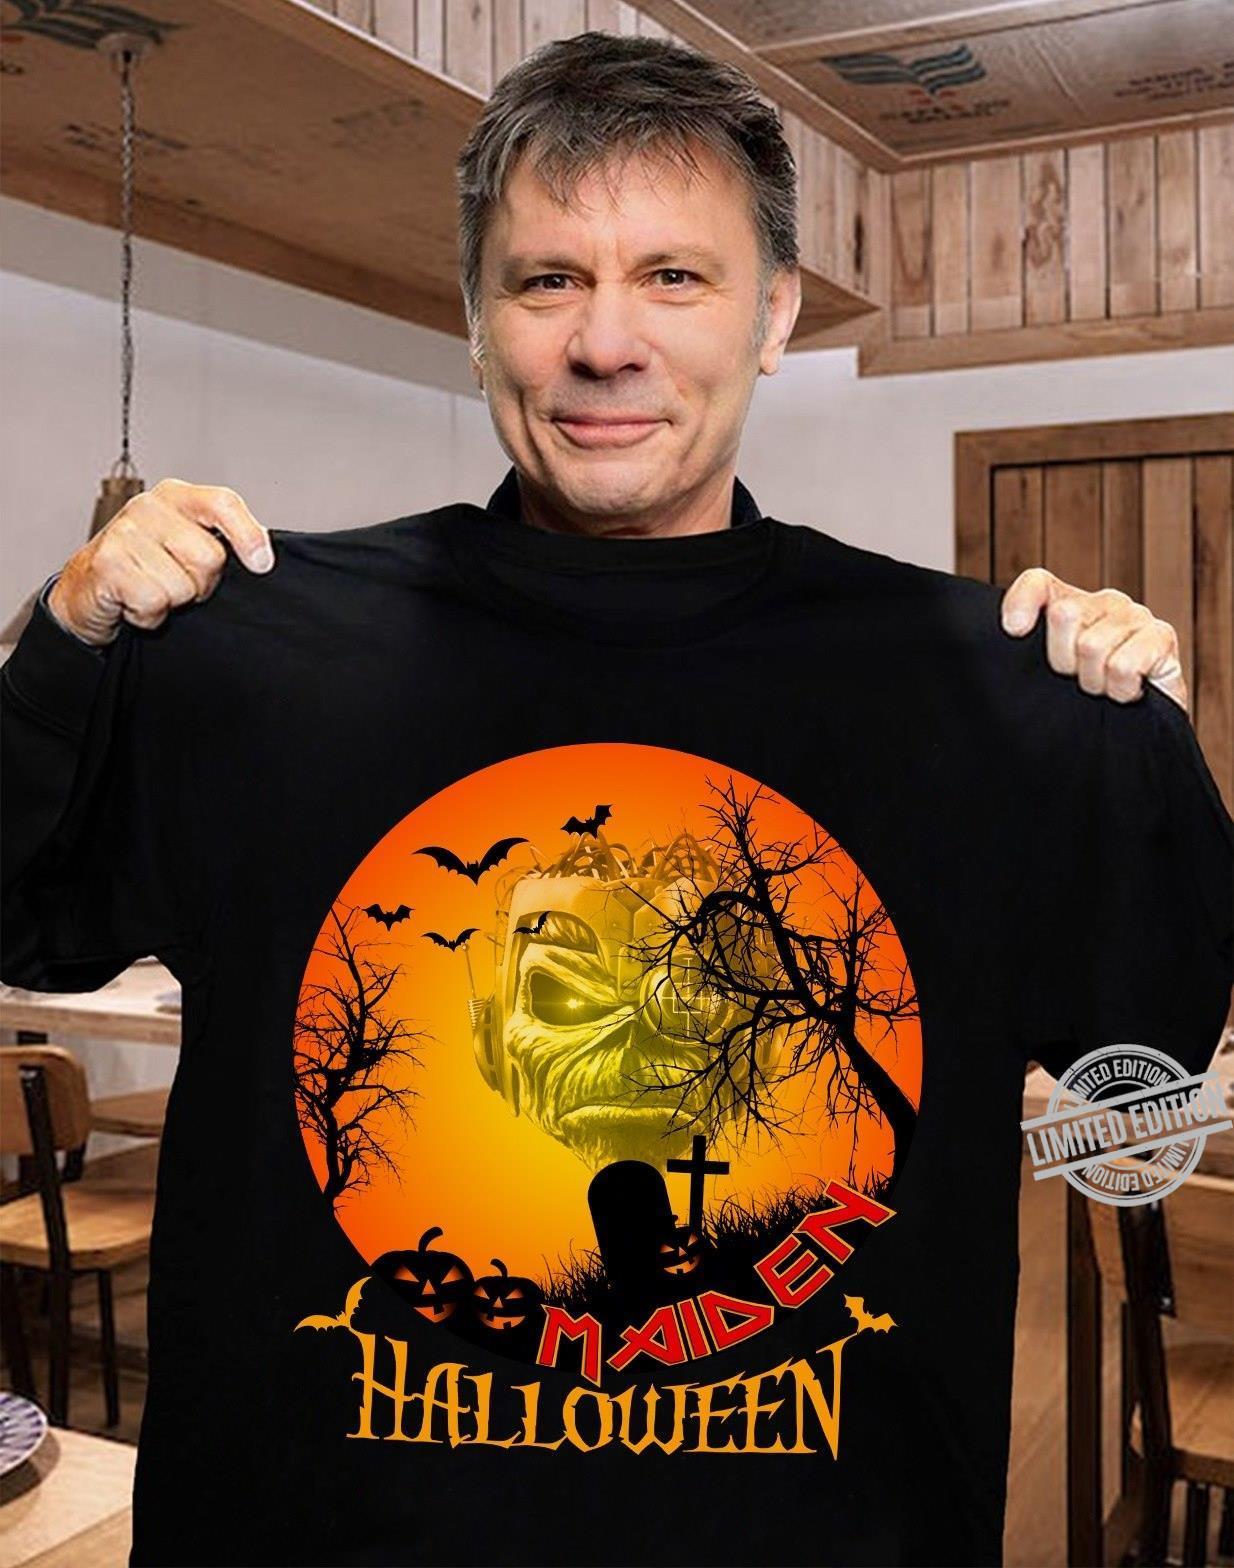 Maiden Halloween Shirt